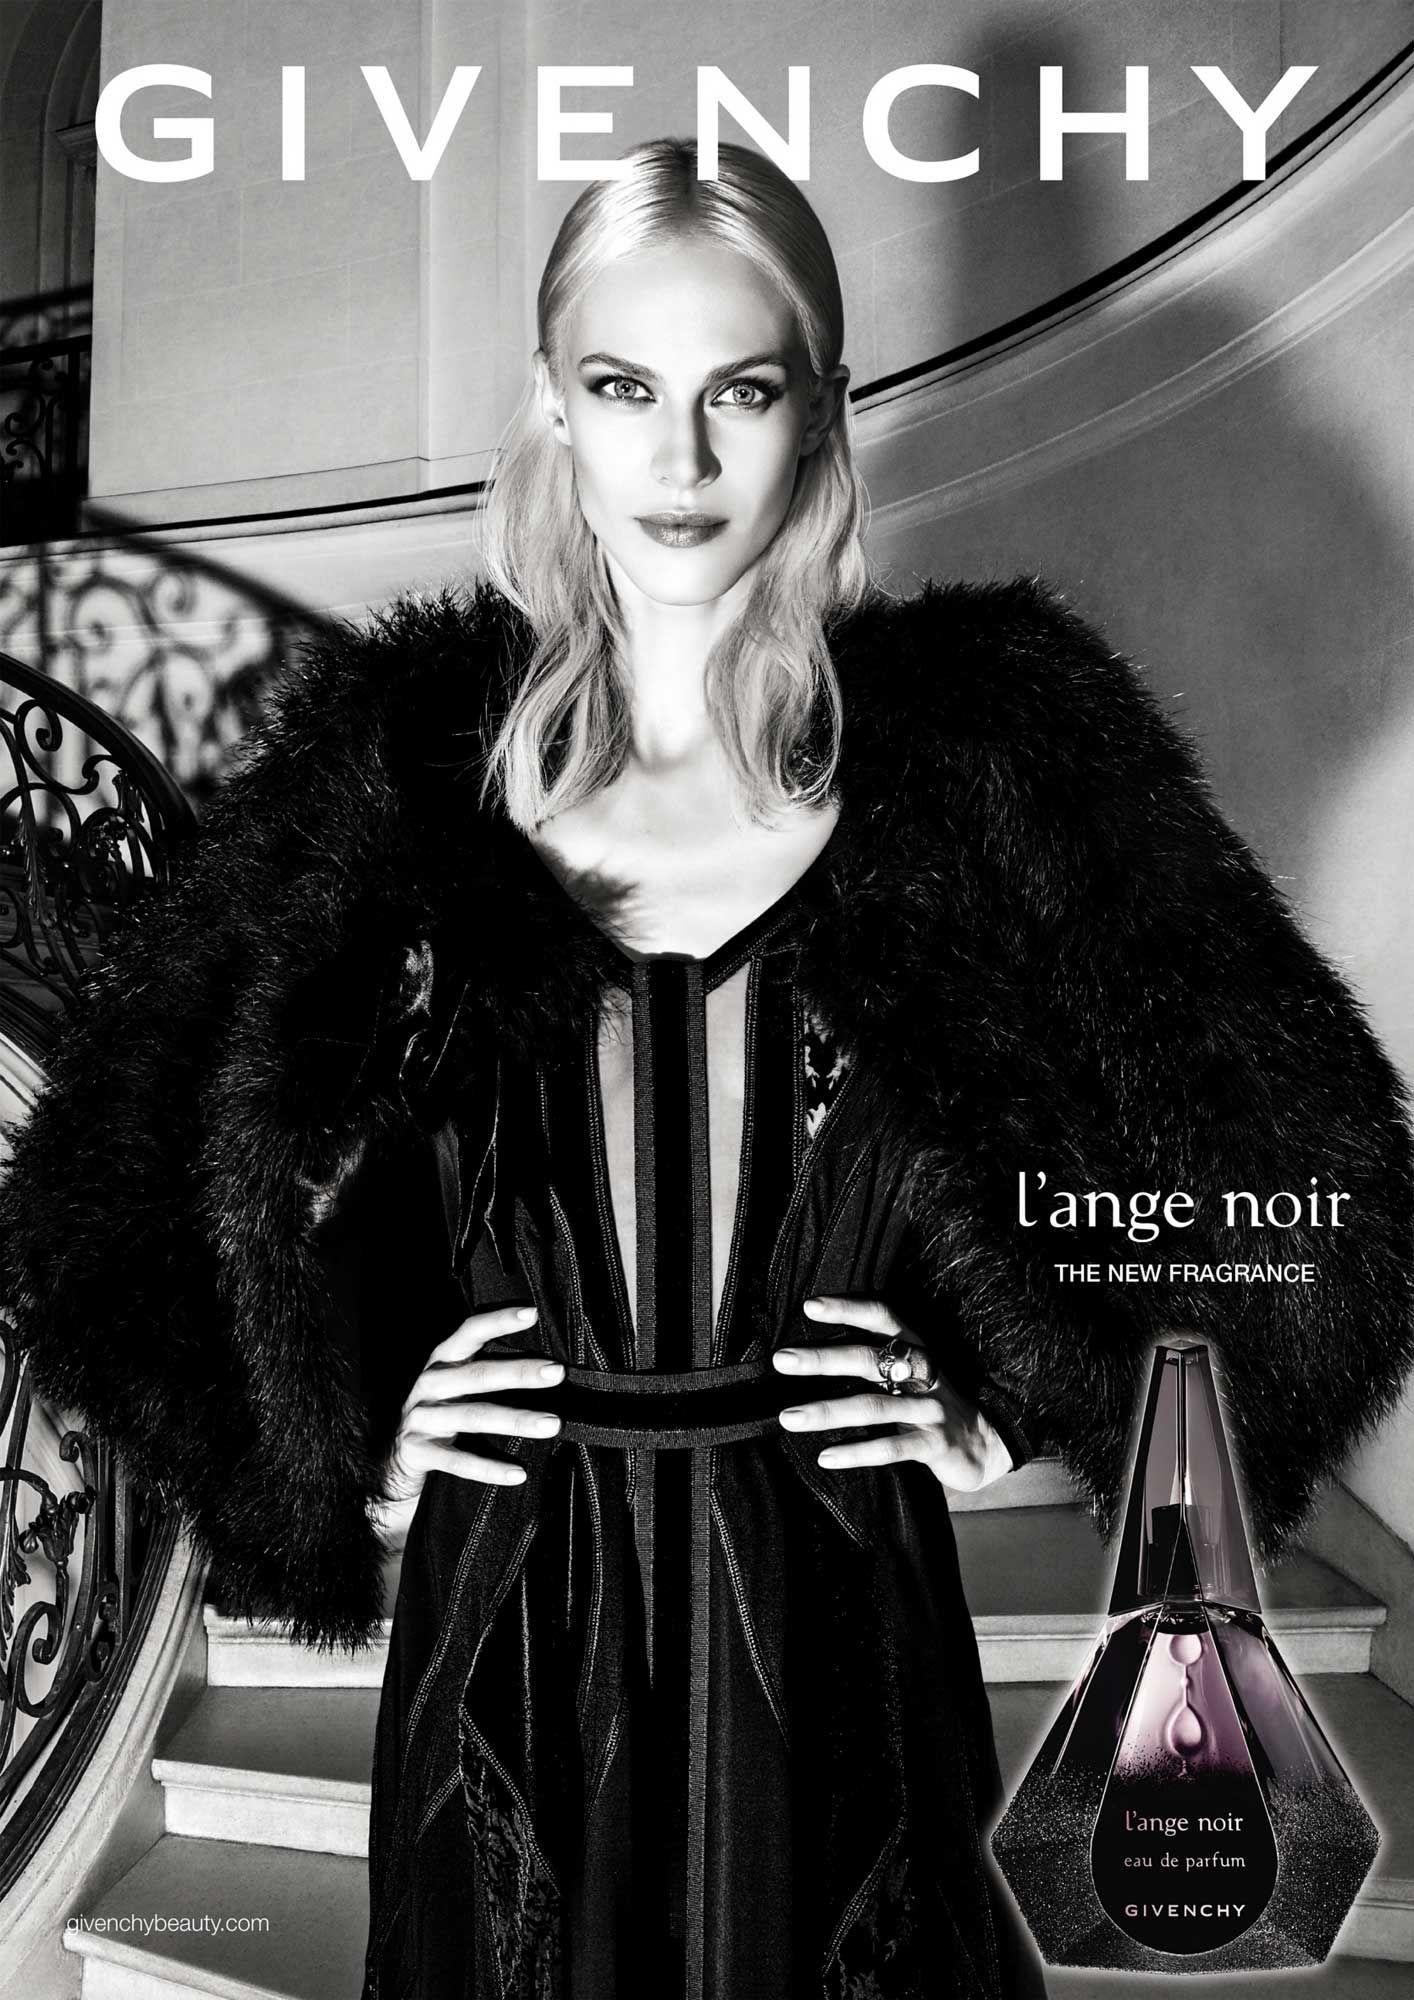 Pour 2016 Nouveau Parfum Un L'ange Noir Givenchy Femme E29eWDHIY